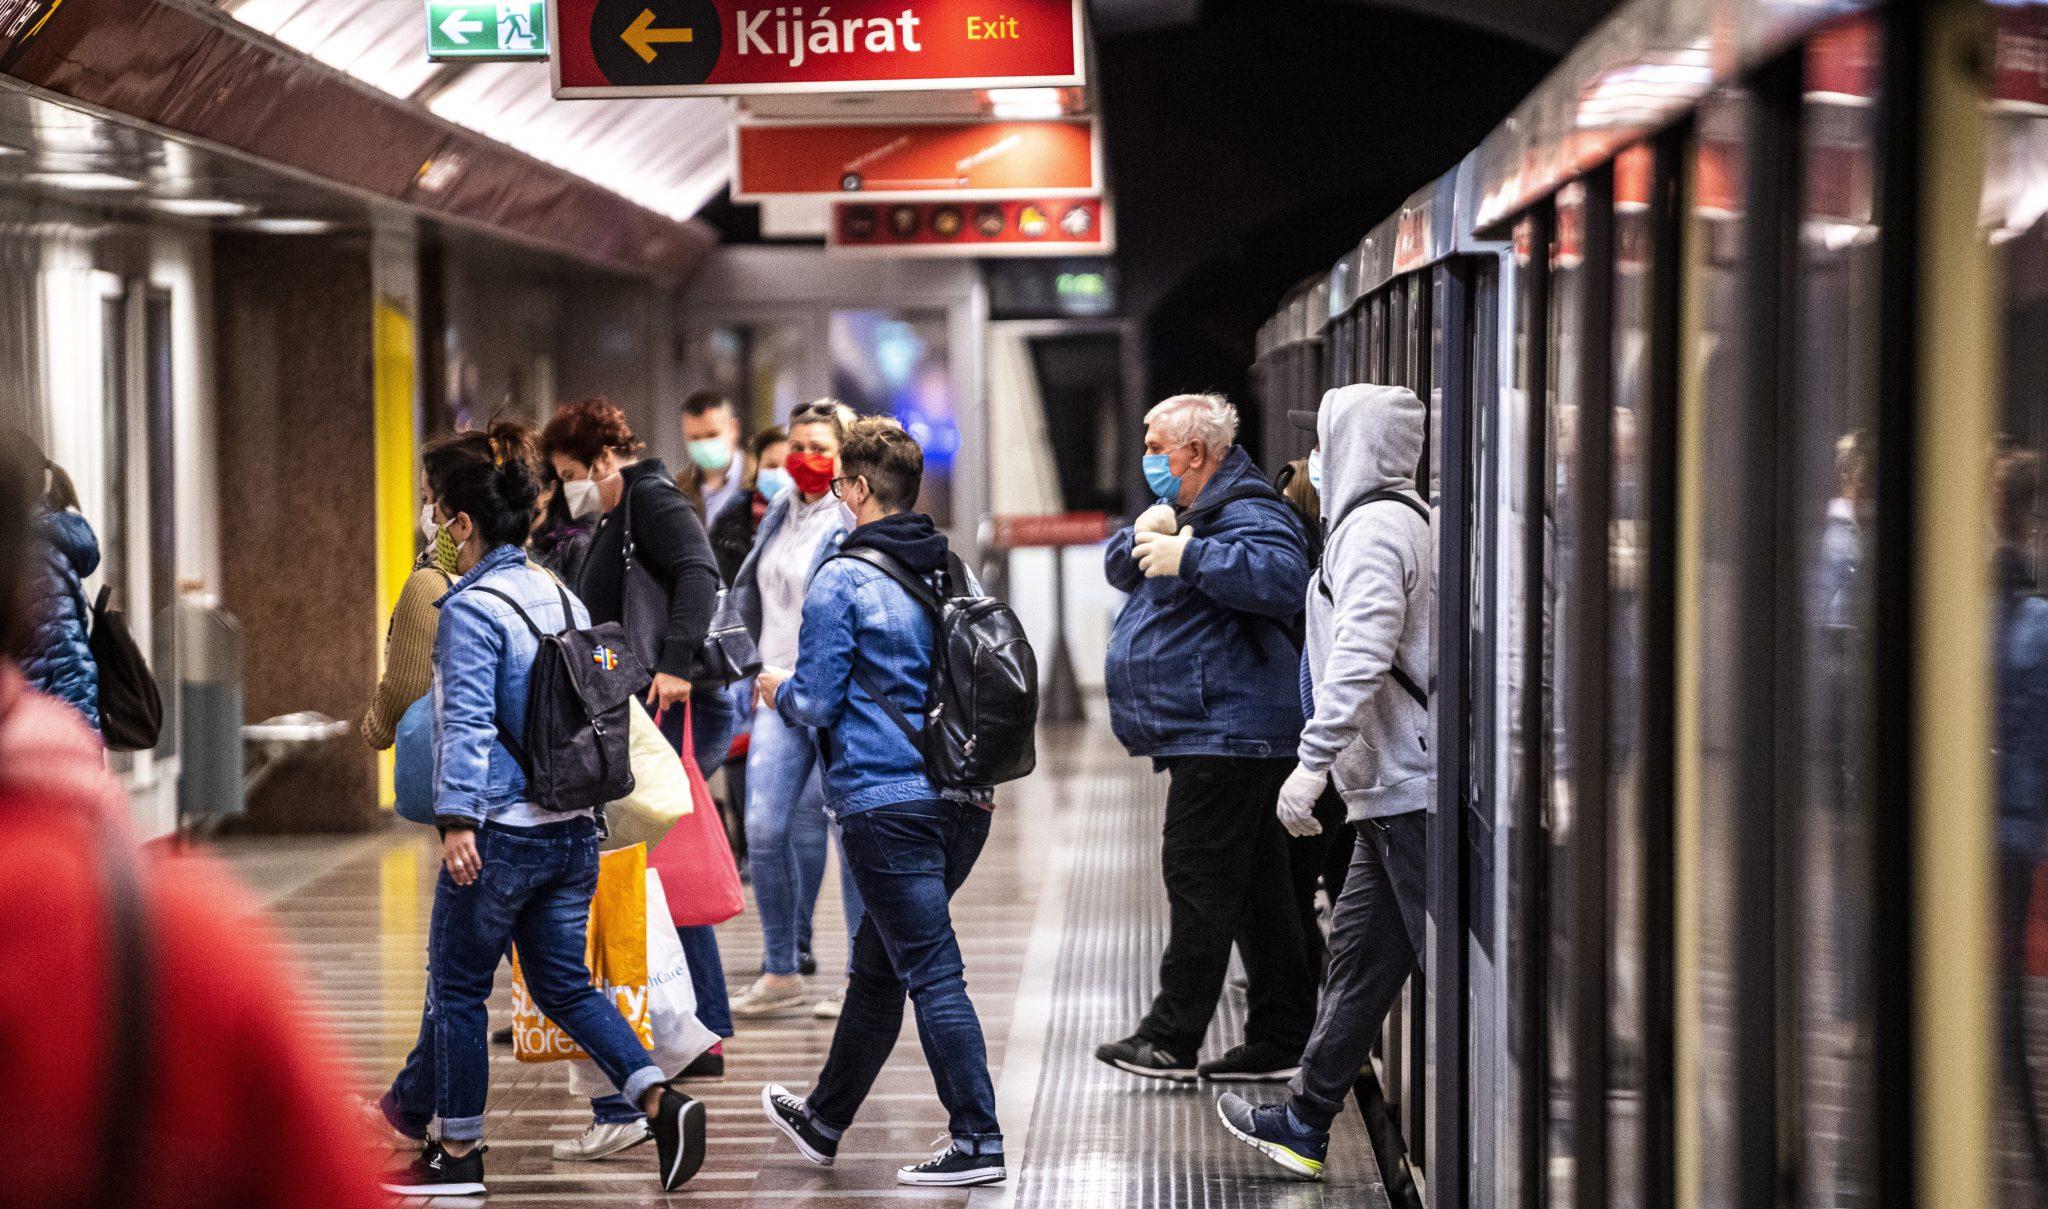 Wird die U-Bahn-Linie 2 wegen großer Anzahl von Infektionen stillgelegt?